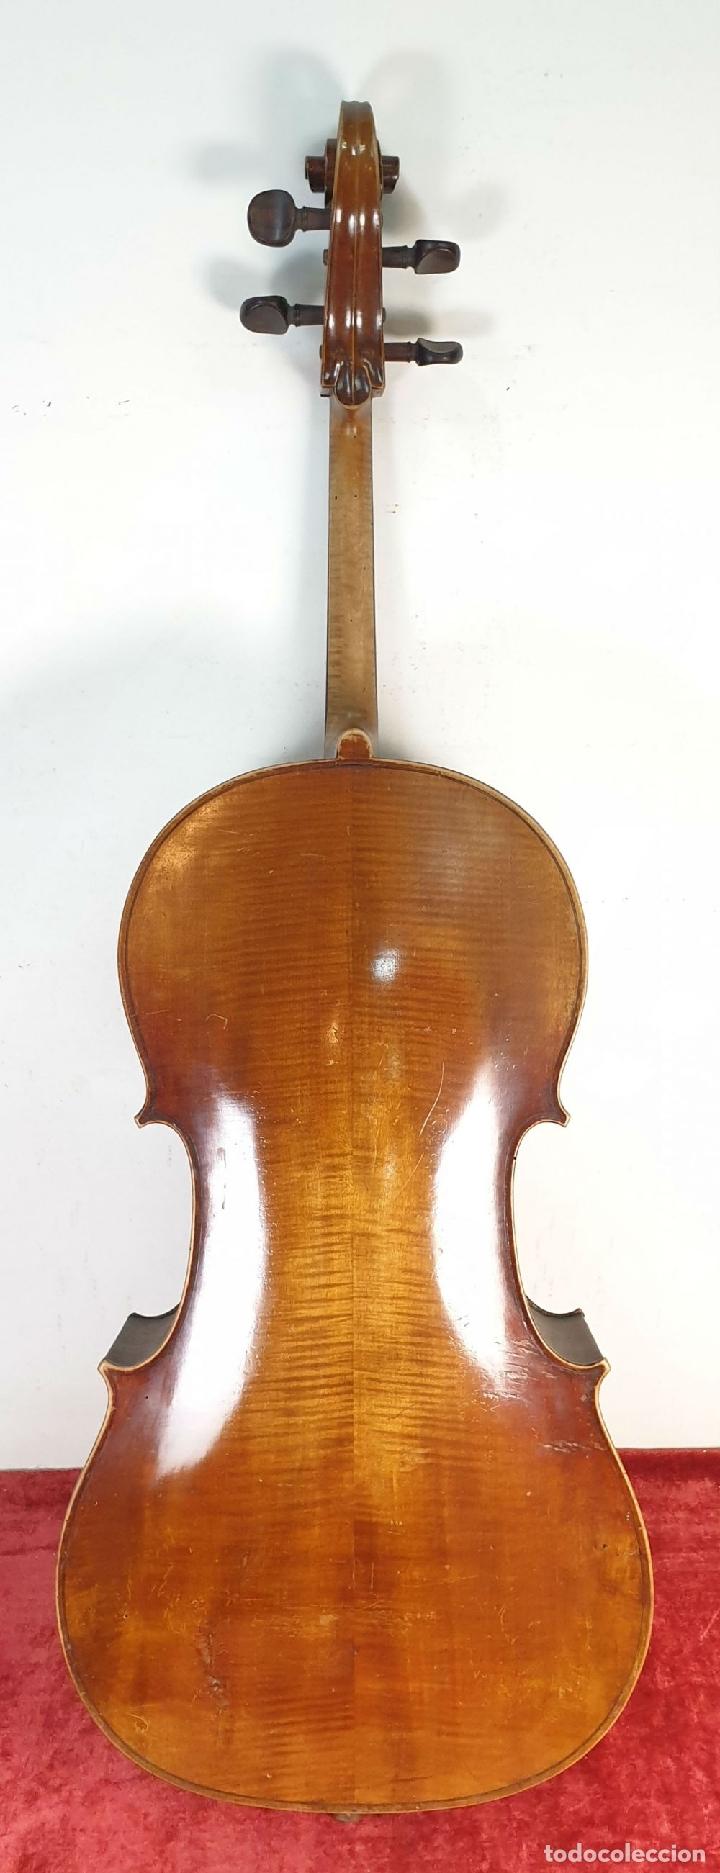 Instrumentos musicales: VIOLONCHELO. FIRMADO EN EL PUENTE. FM. FLETA. MEDIDA 3/4. CIRCA 1920. - Foto 6 - 178580287